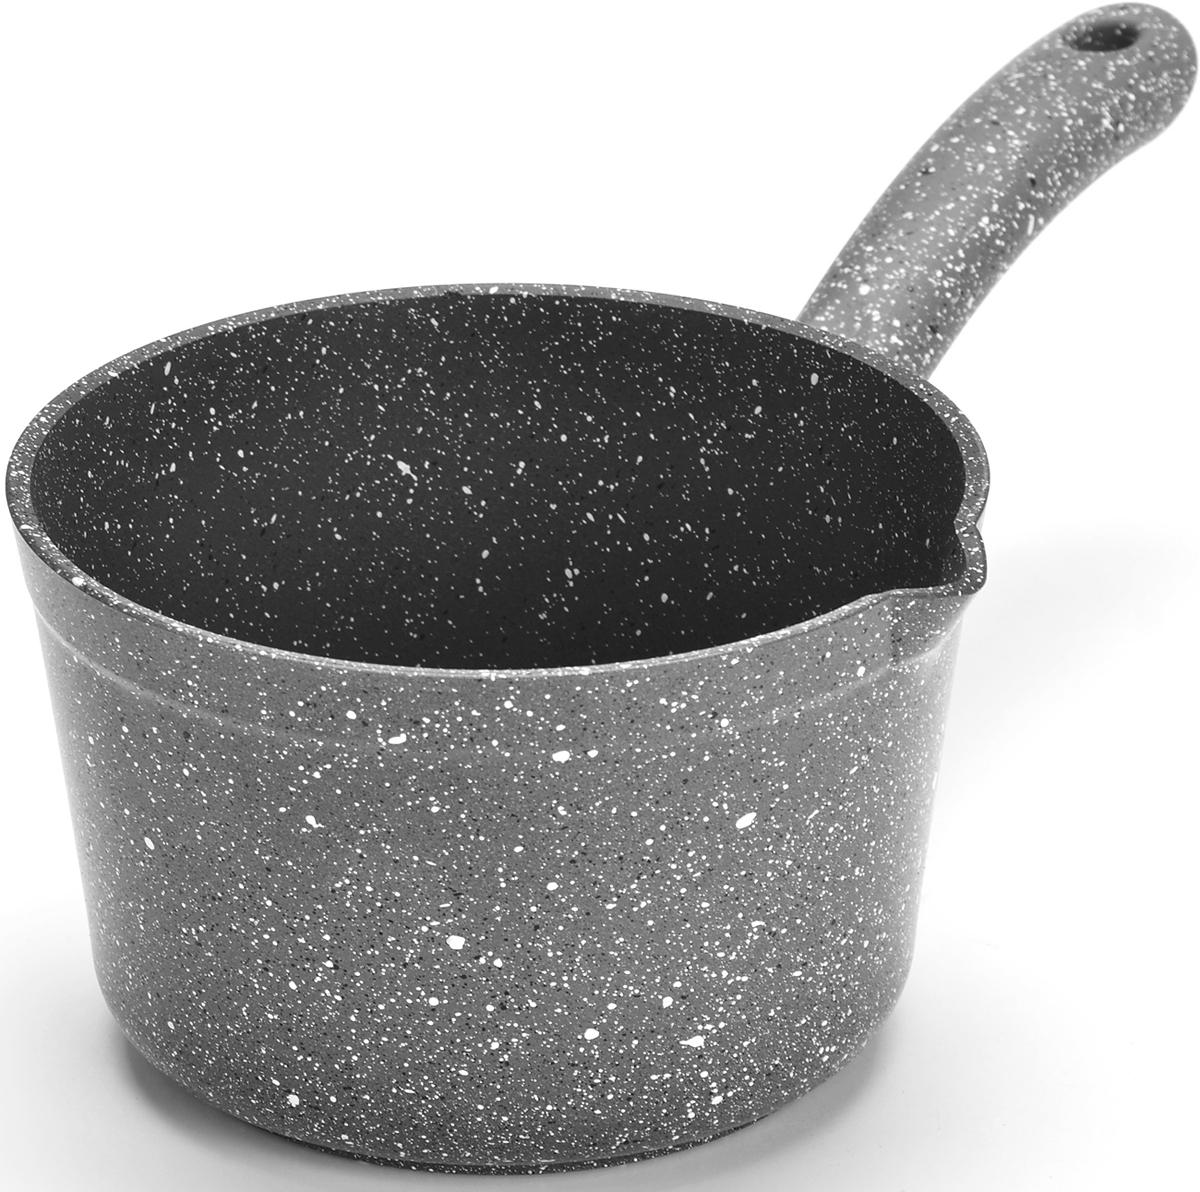 Ковш MAYER&BOCH изготовлен из литого алюминия, что исключает возможность деформации и гарантирует долгий срок службы. Гладко проточенное, утолщенное дно, обеспечивает идеальный контакт с конфоркой и способствует равномерному разогреванию пищи. Мраморное антипригарное покрытие позволяет готовить, практически не используя растительное масло, что значительно увеличивает полезность приготовляемой еды. Бакелитовая ручка ковша не нагревается и оснащена отверстием для подвеса на крючок. Подходит для всех видов плит, кроме индукционных. Подходит для мытья в посудомоечной машине.